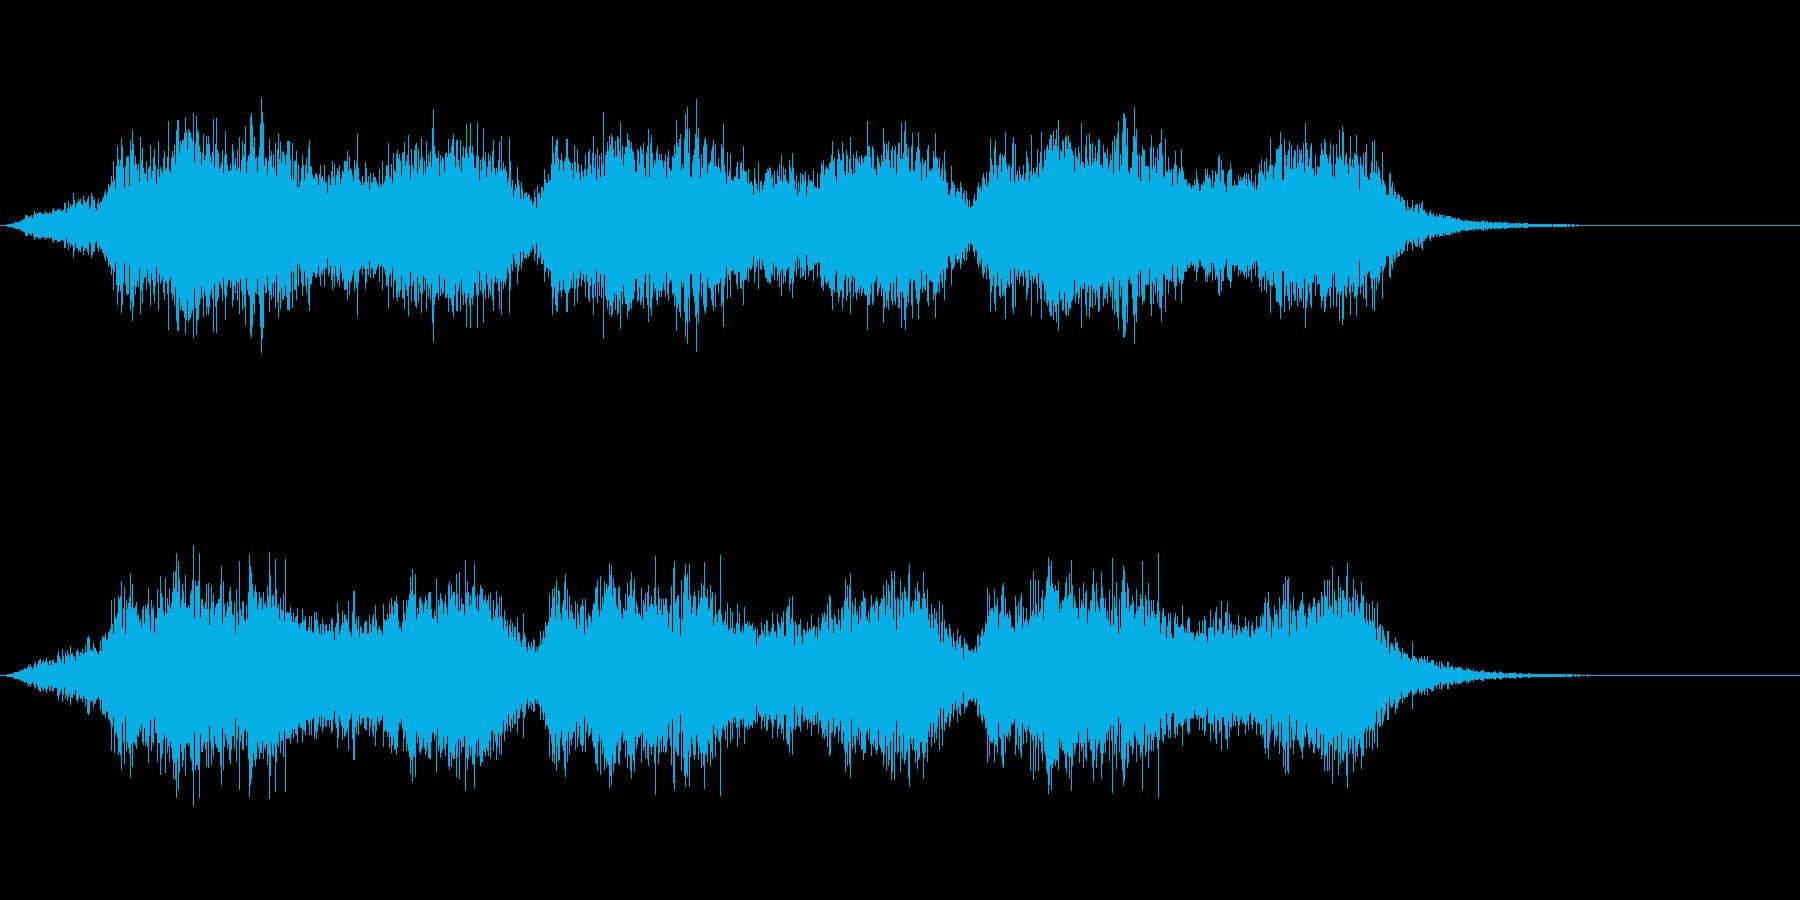 アンコール!コンサートやライブ等の歓声1の再生済みの波形